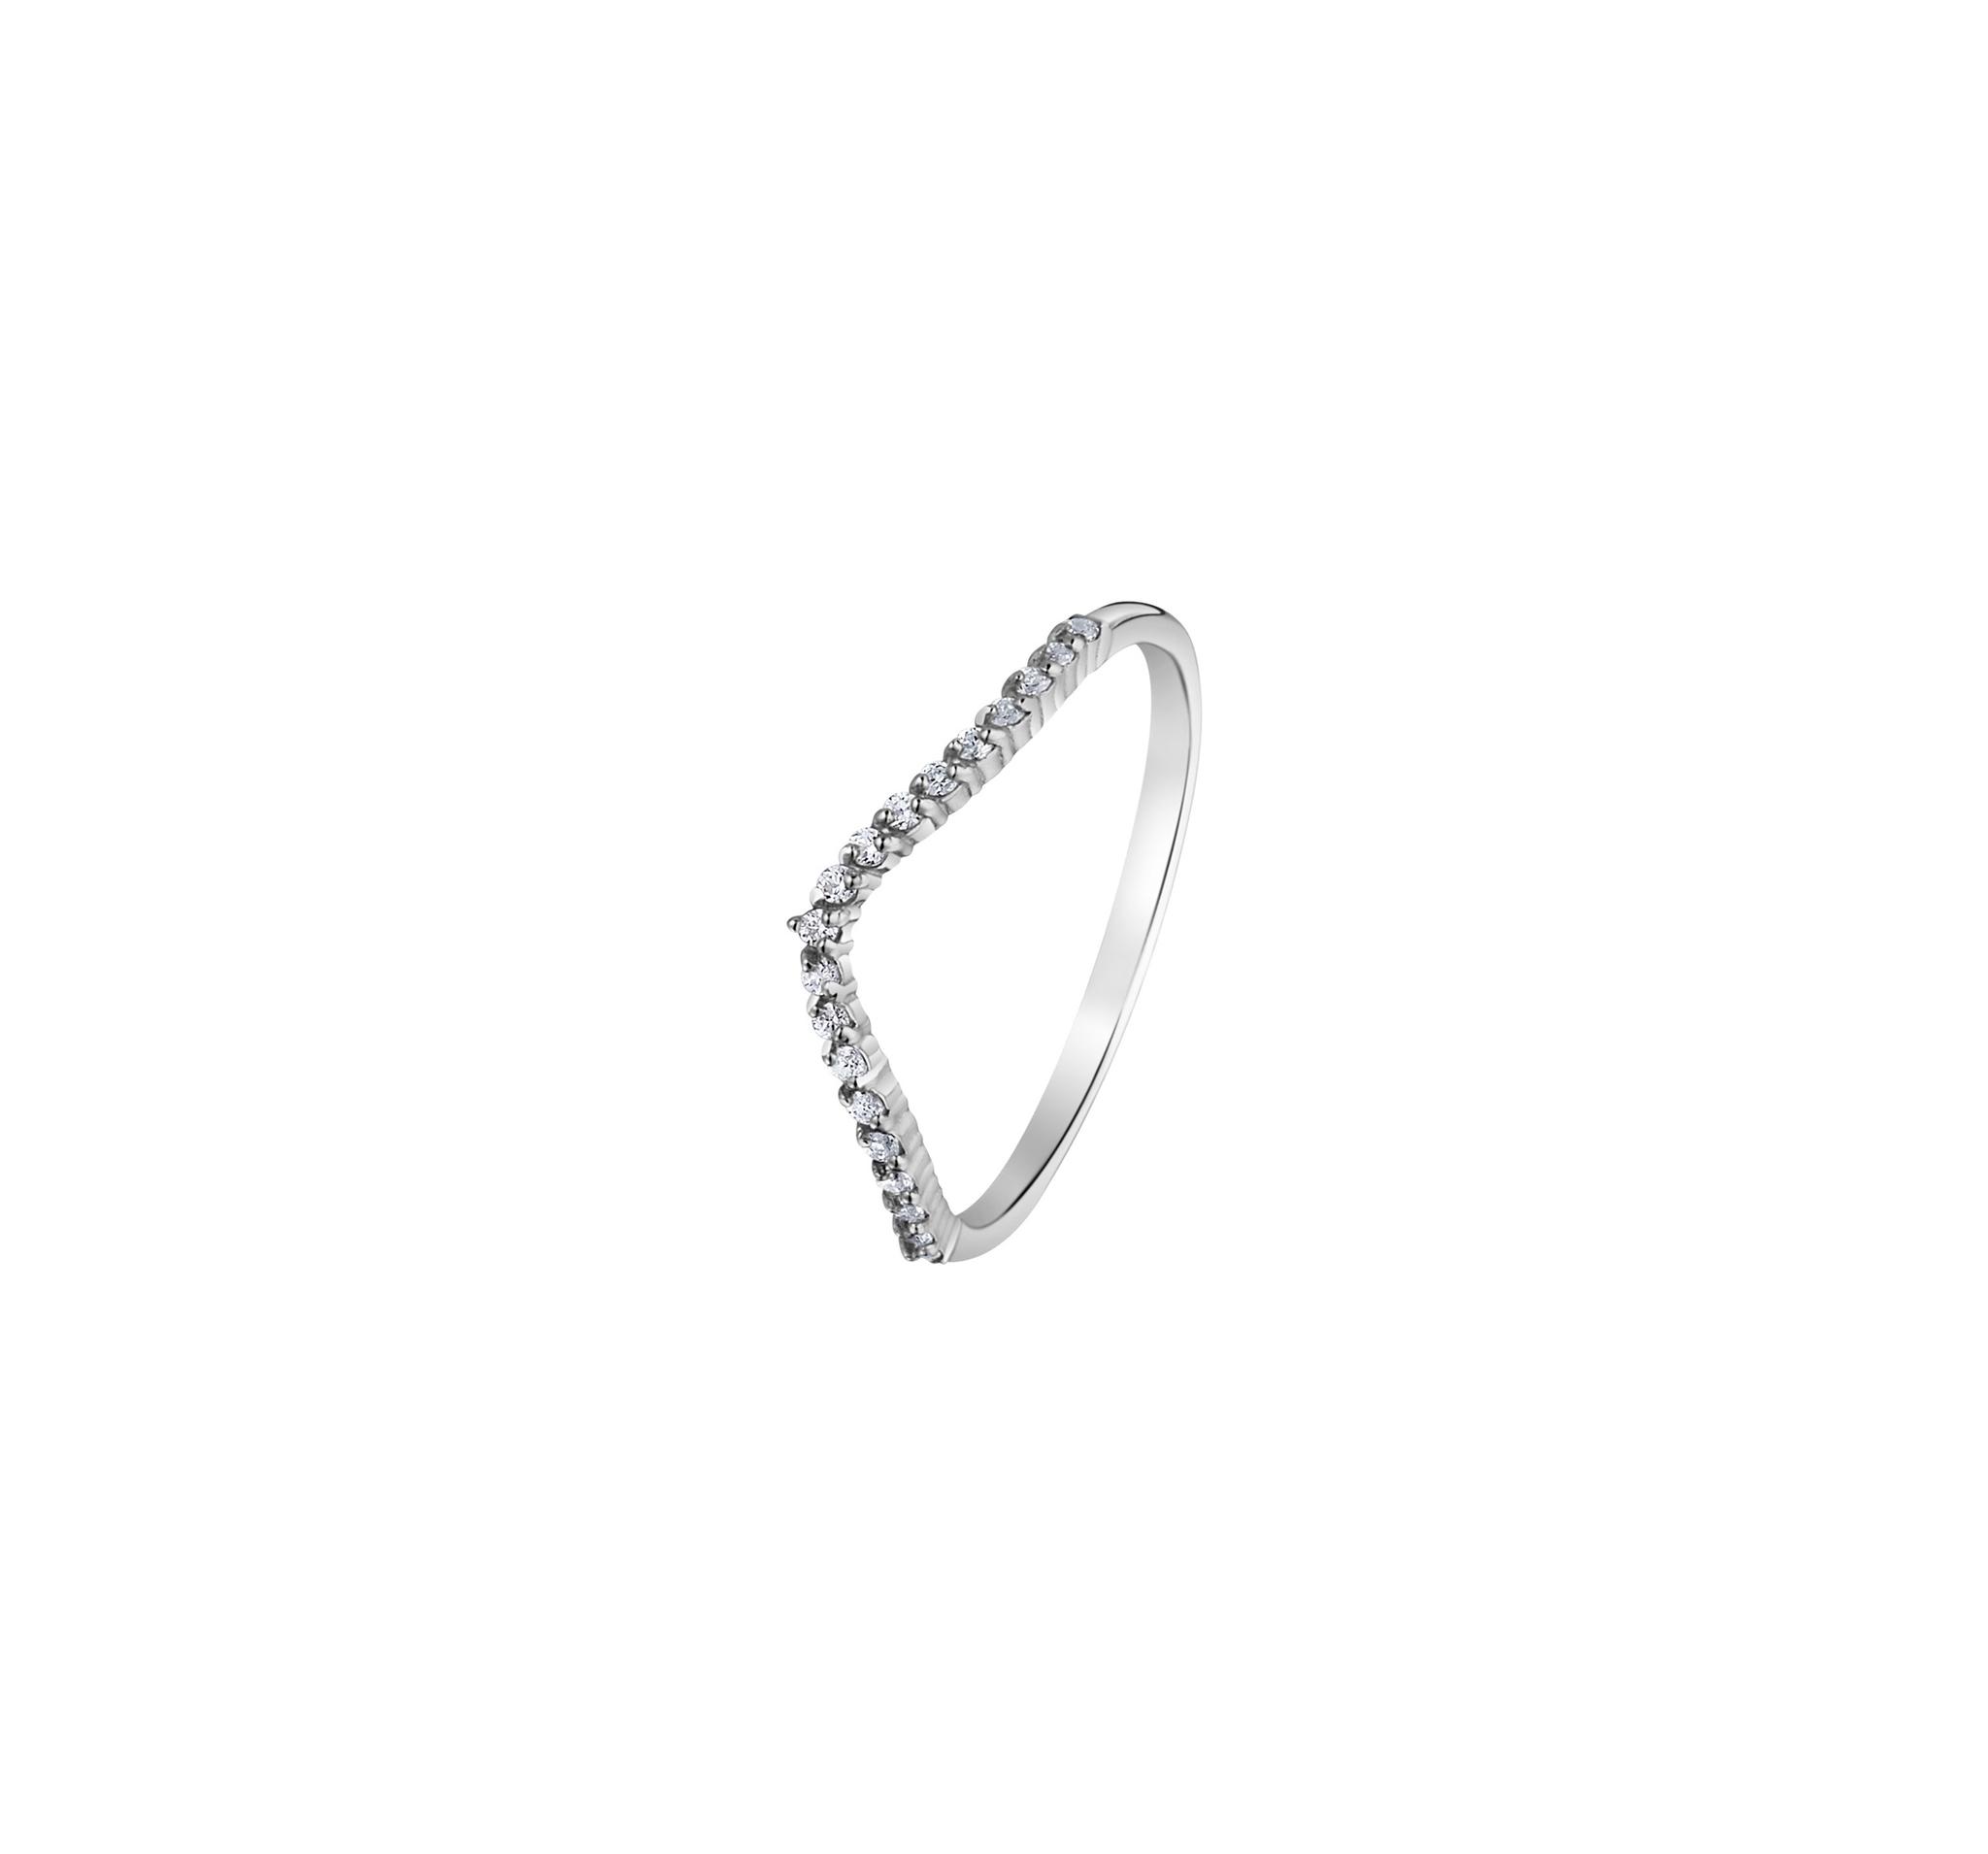 Тонкое серебряное кольцо-дорожка с россыпью кубических цирконов